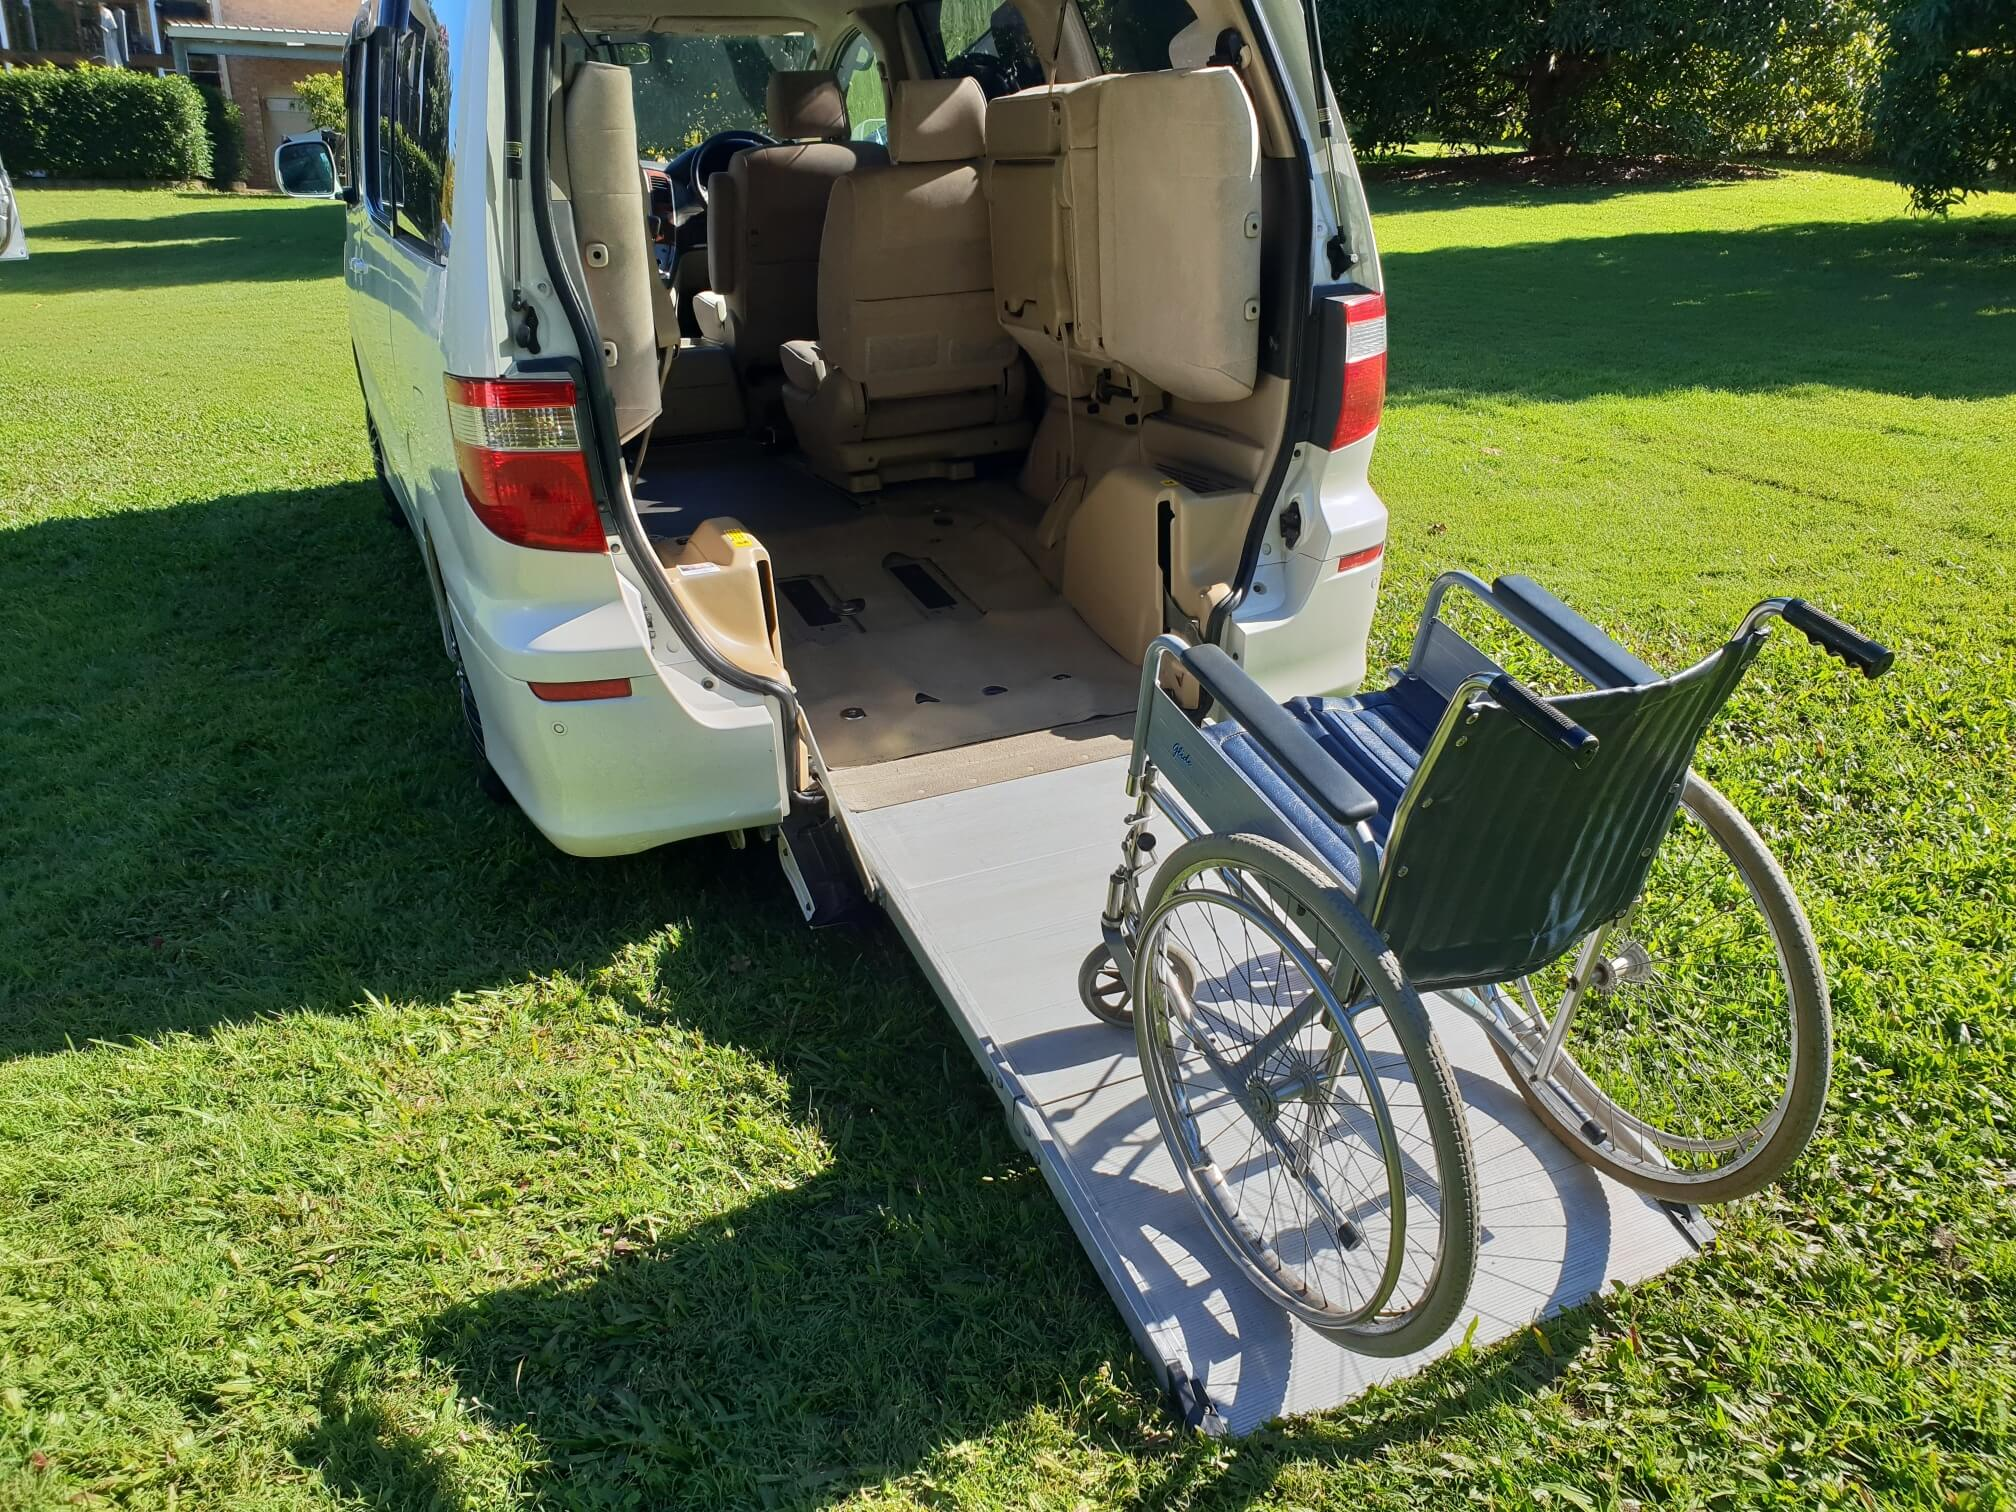 alphard-wheel-chair-ramp.jpg